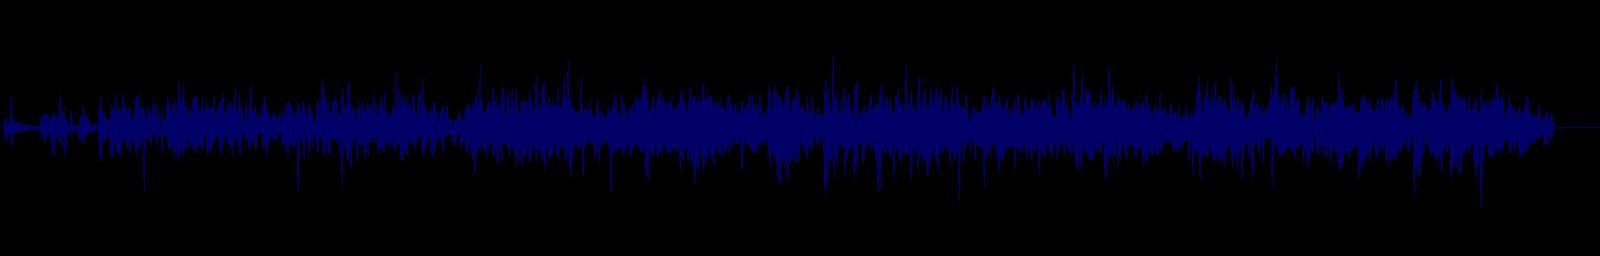 waveform of track #148567